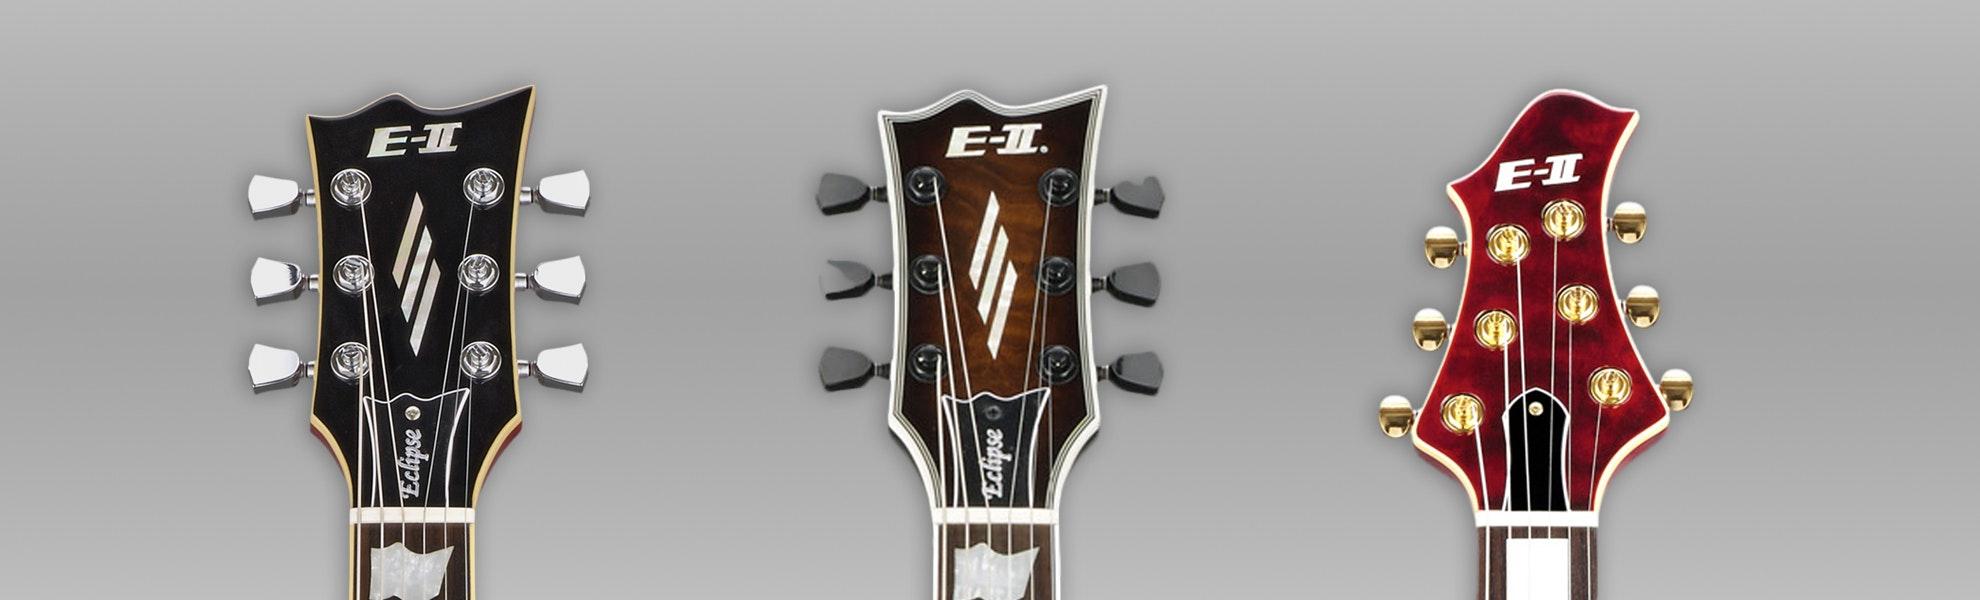 ESP E-II Electric Guitars, Built In Japan